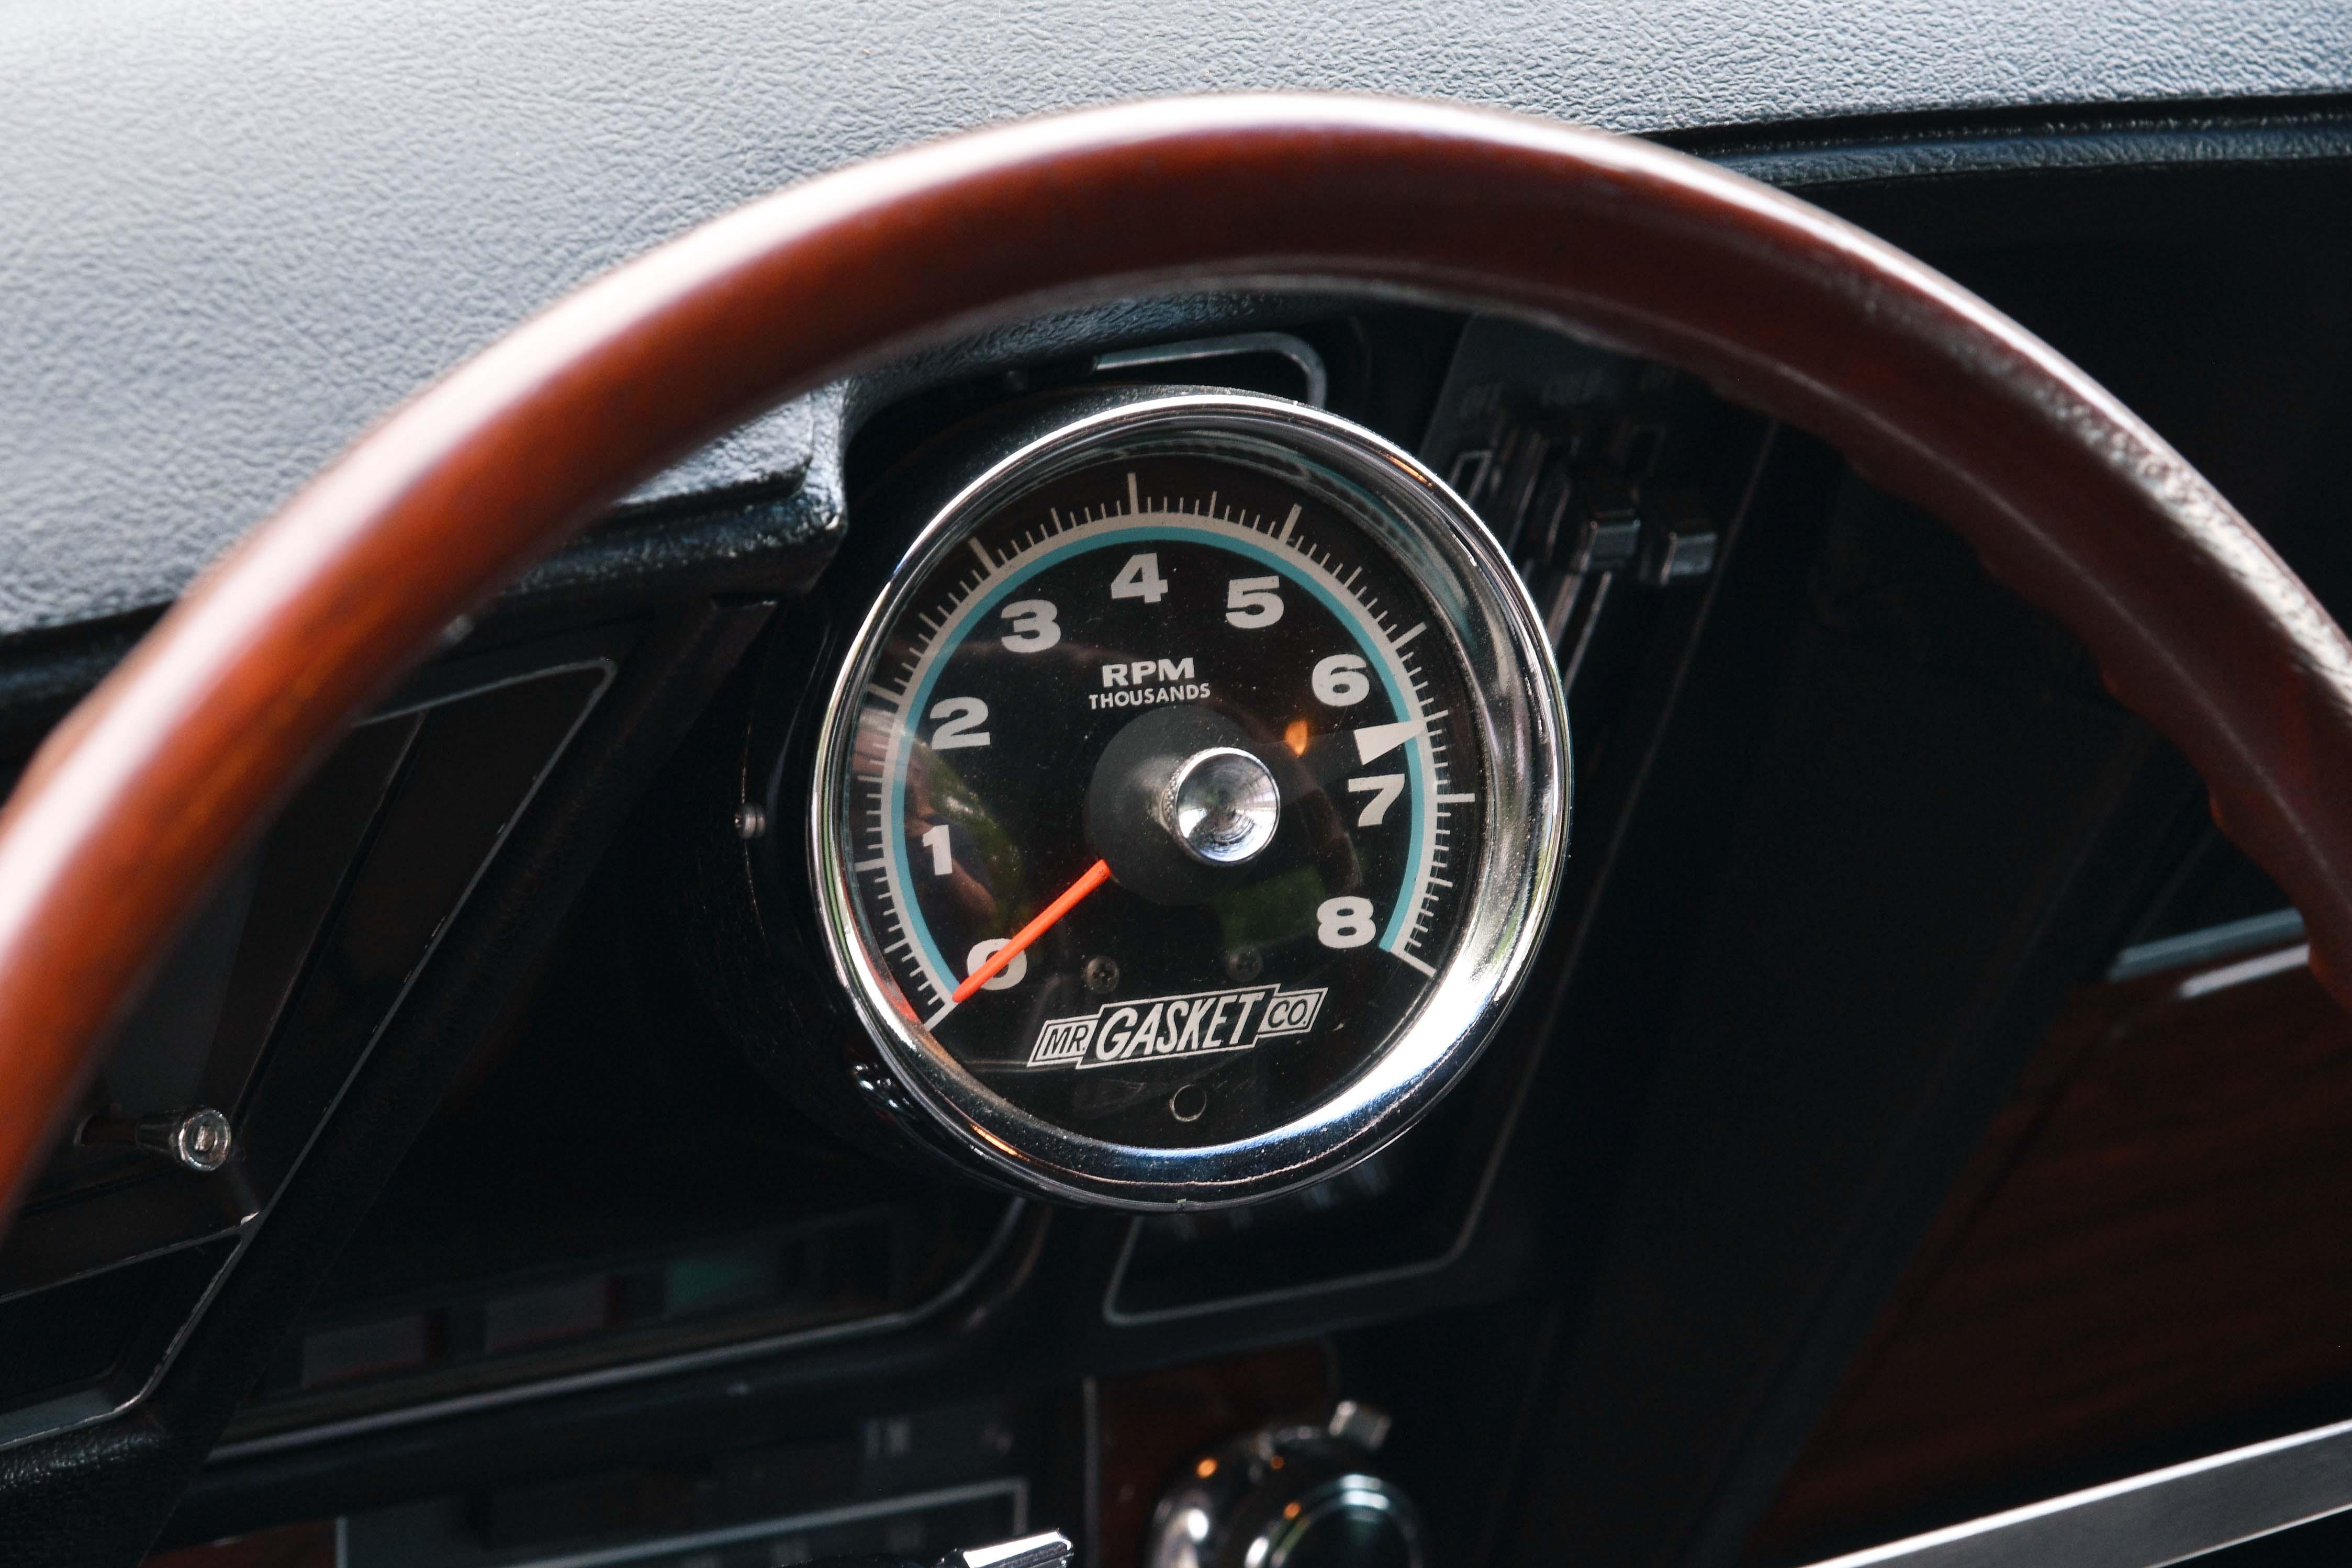 1969 Camaro Cragar Ss Wheels